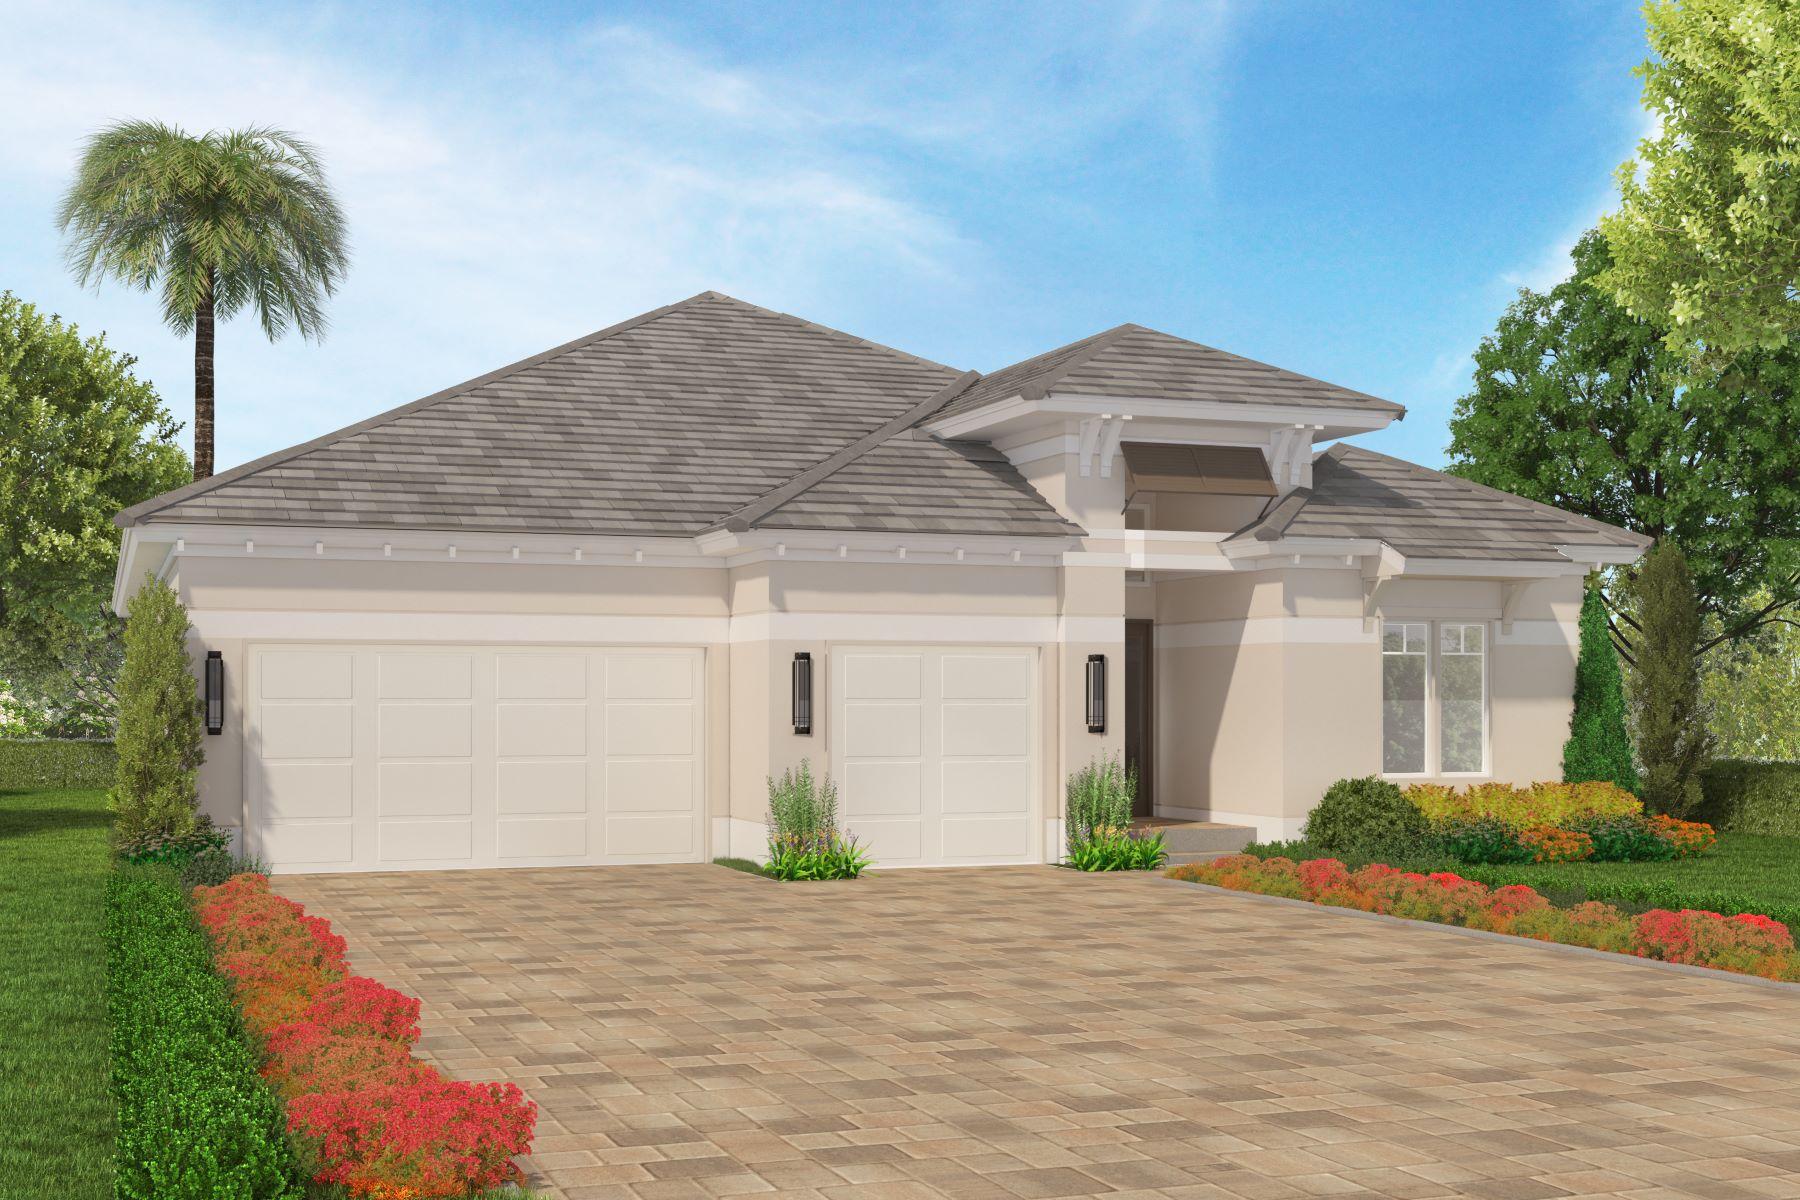 9261 Orchid Cove Circle 9261 Orchid Cove Circle Vero Beach, Florida 32963 Estados Unidos